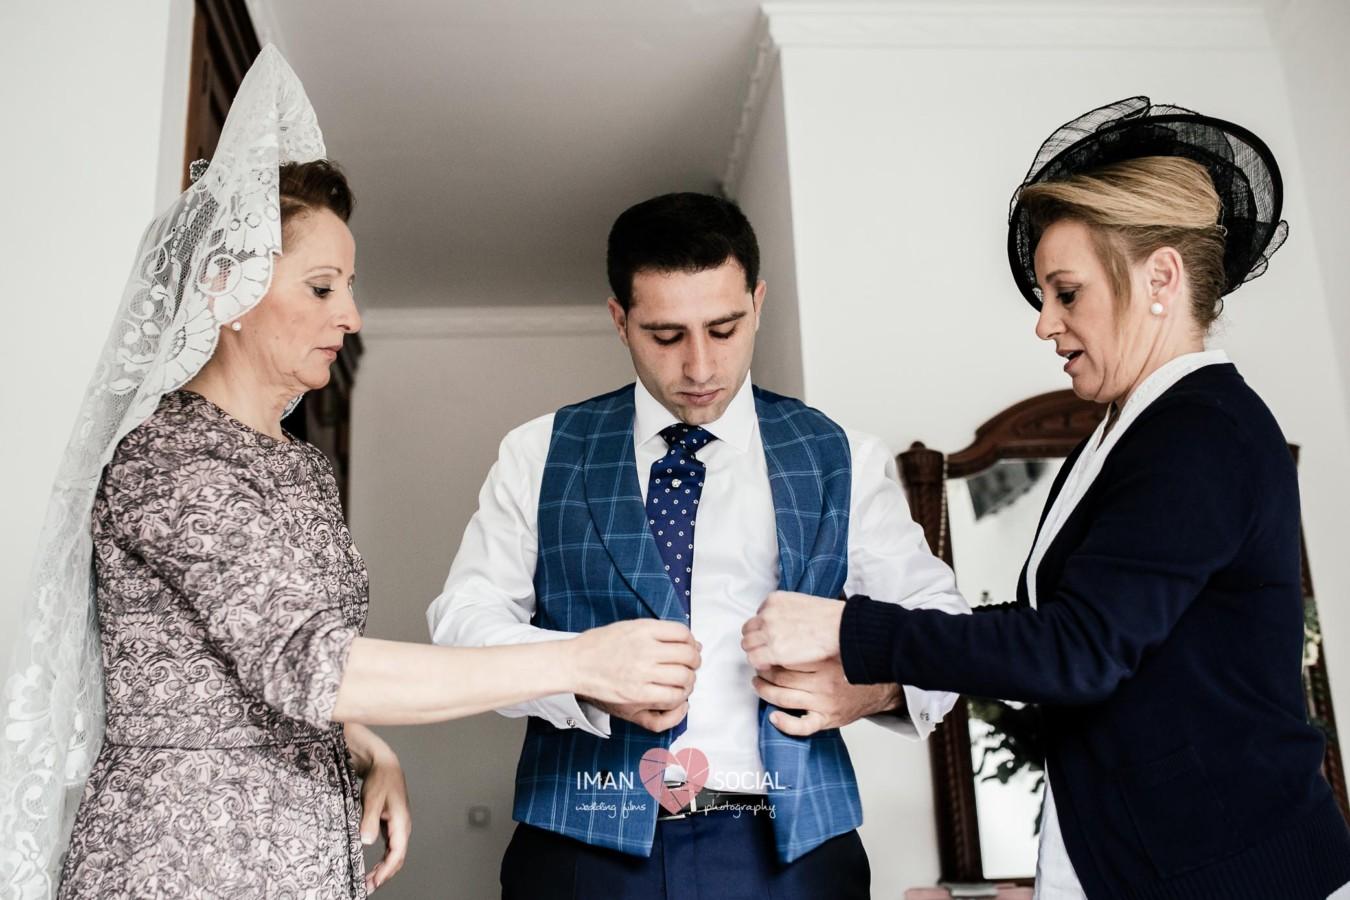 fotografo-de-boda-en-cordoba-sevilla-posadas-boda-auxi-y-antonio-06 Auxi & Antonio, primera boda de la temporada - video boda cordoba